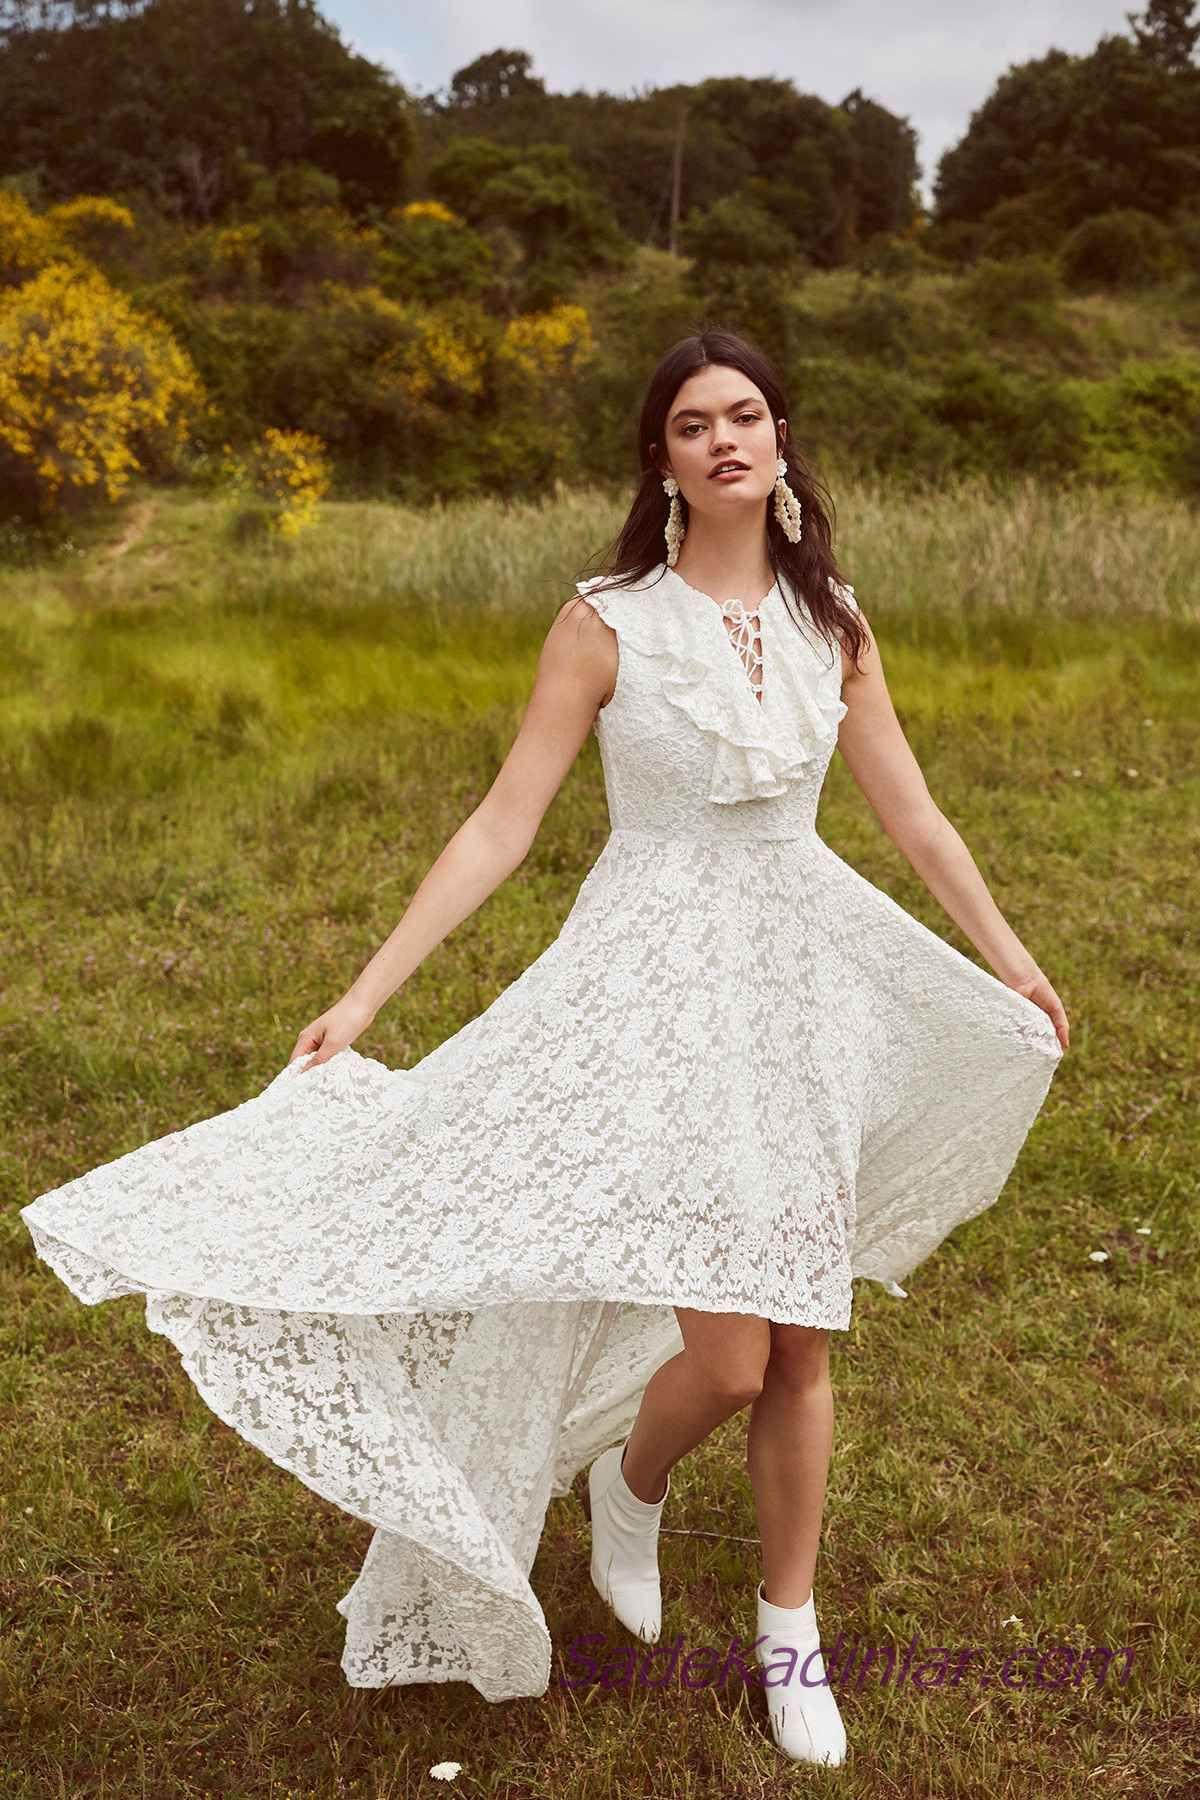 En Guzel 2020 Beyaz Elbise Modelleri On Kisa Arkasi Uzun Kolsuz Bagcikli Yaka Dantel Elbise Modelleri The Dress Elbise